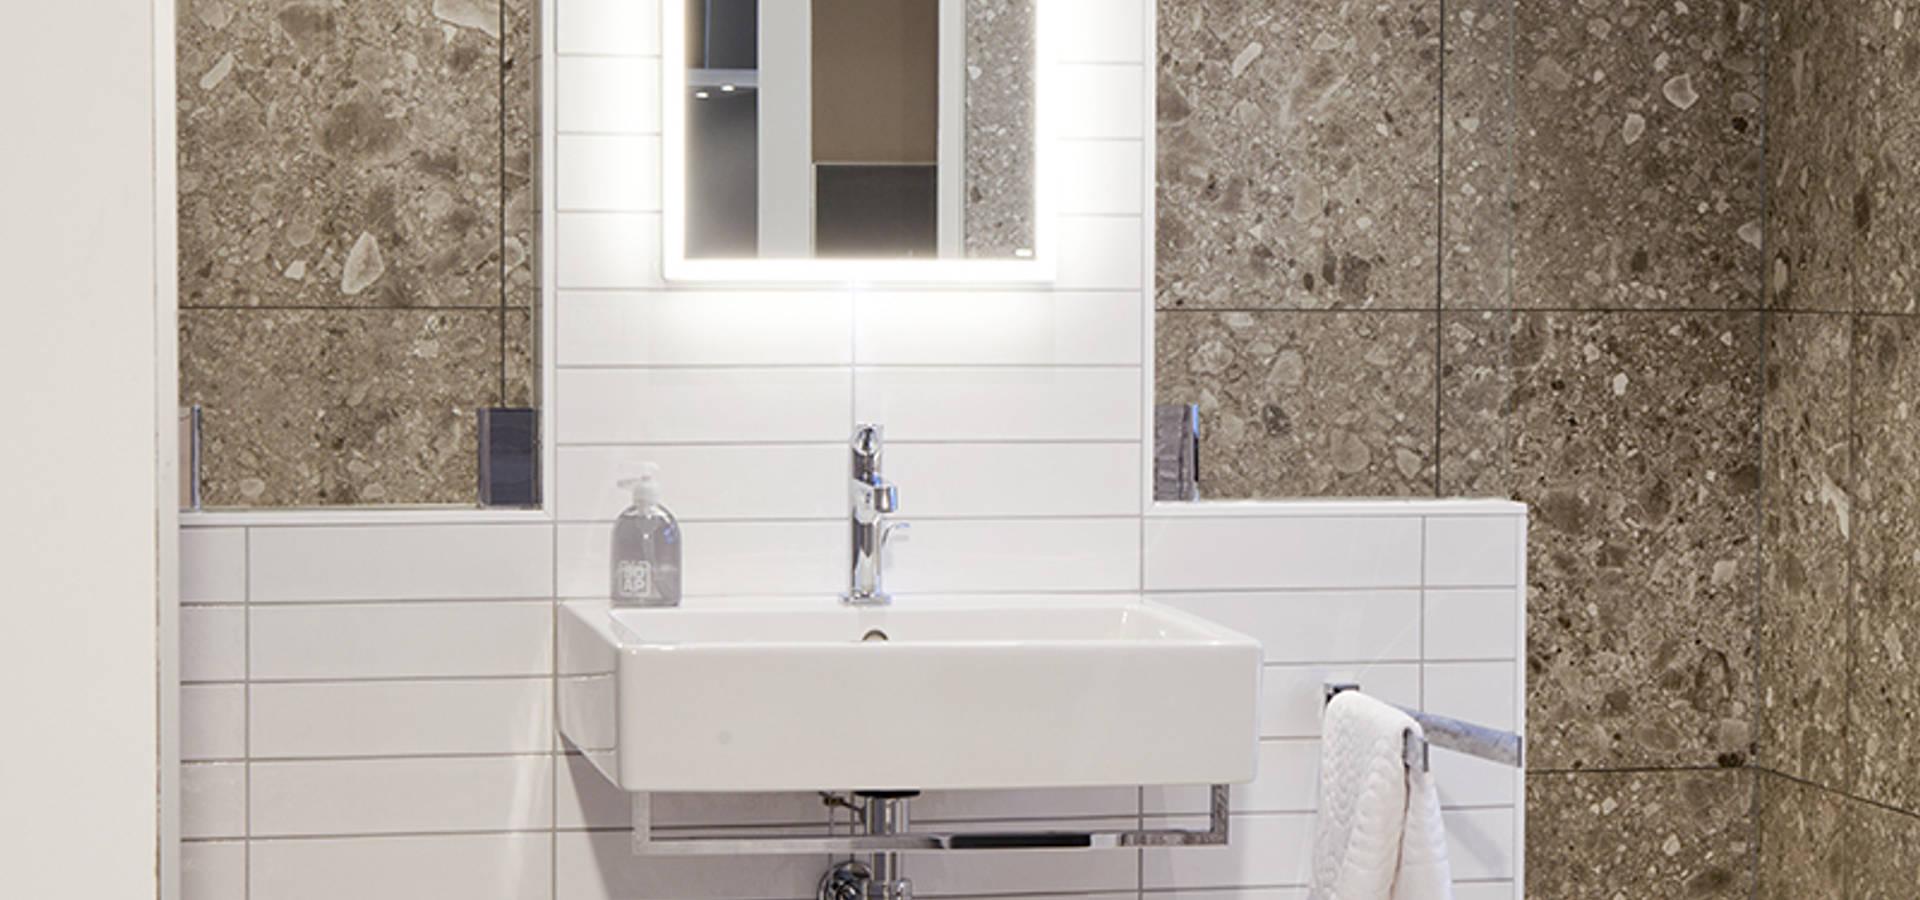 Natuurlijke badkamer von Van Wanrooij keuken, badkamer & tegel ...